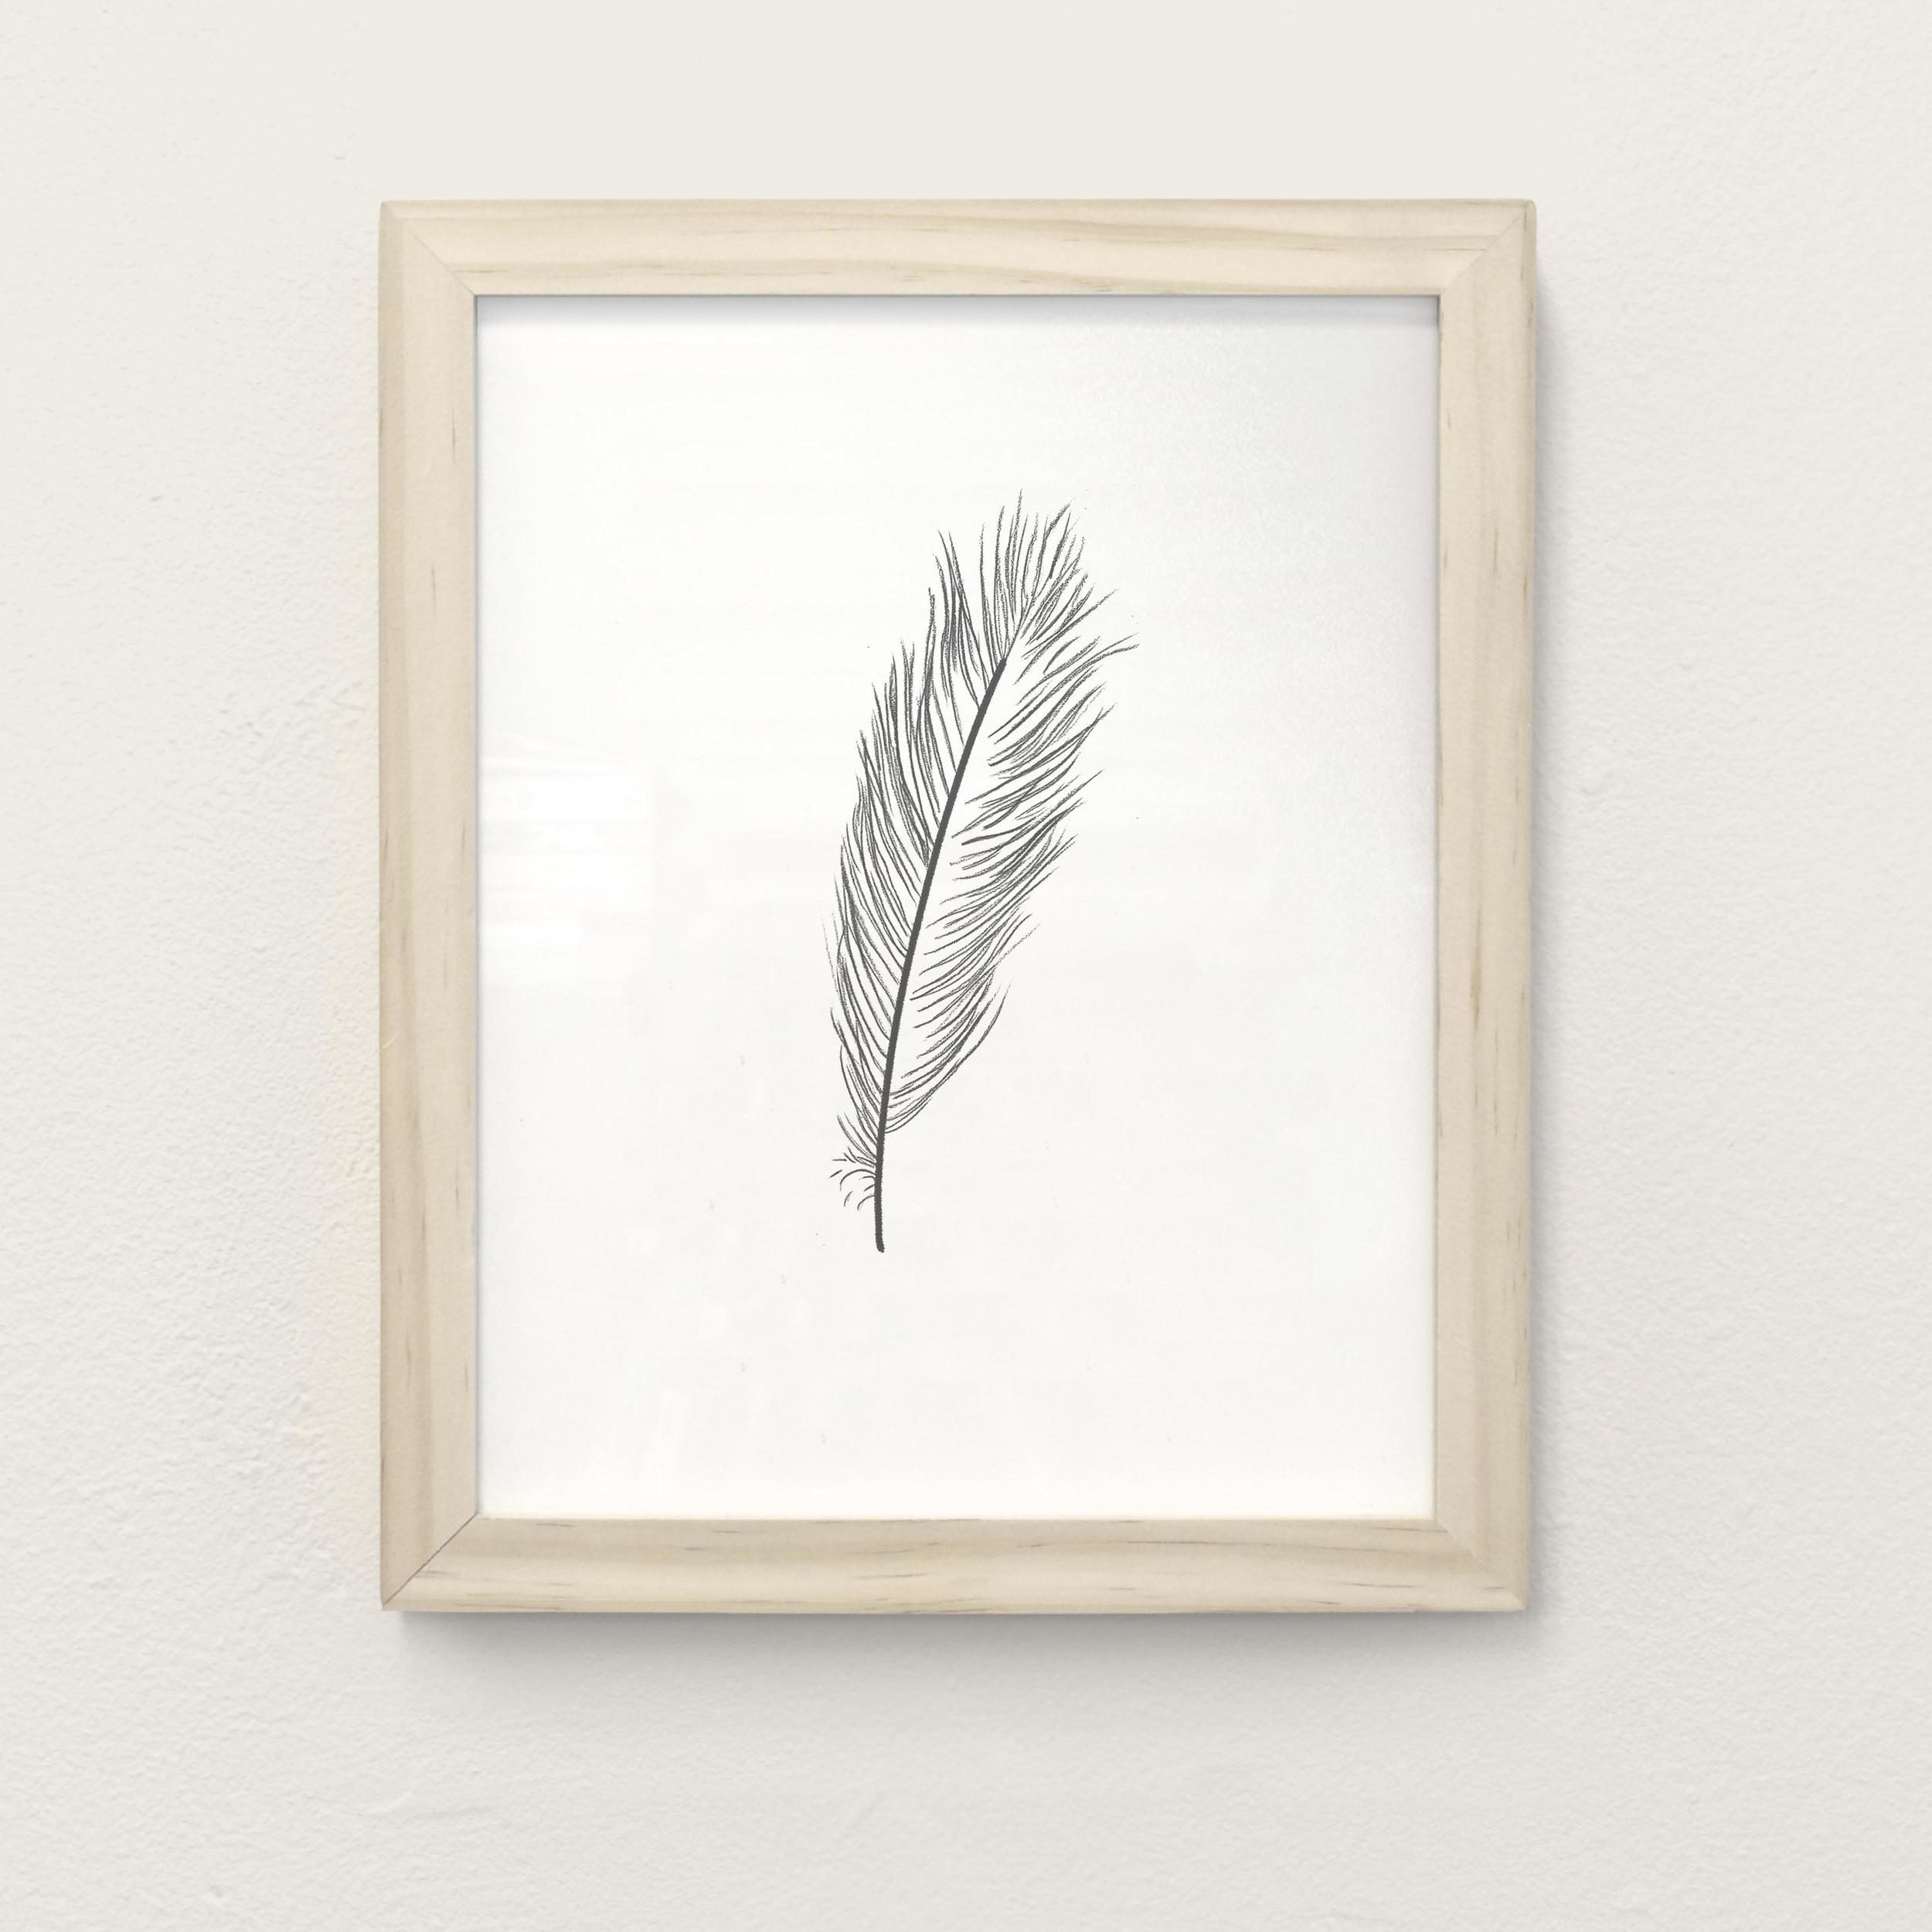 Framed-White_0001_Feather.jpg